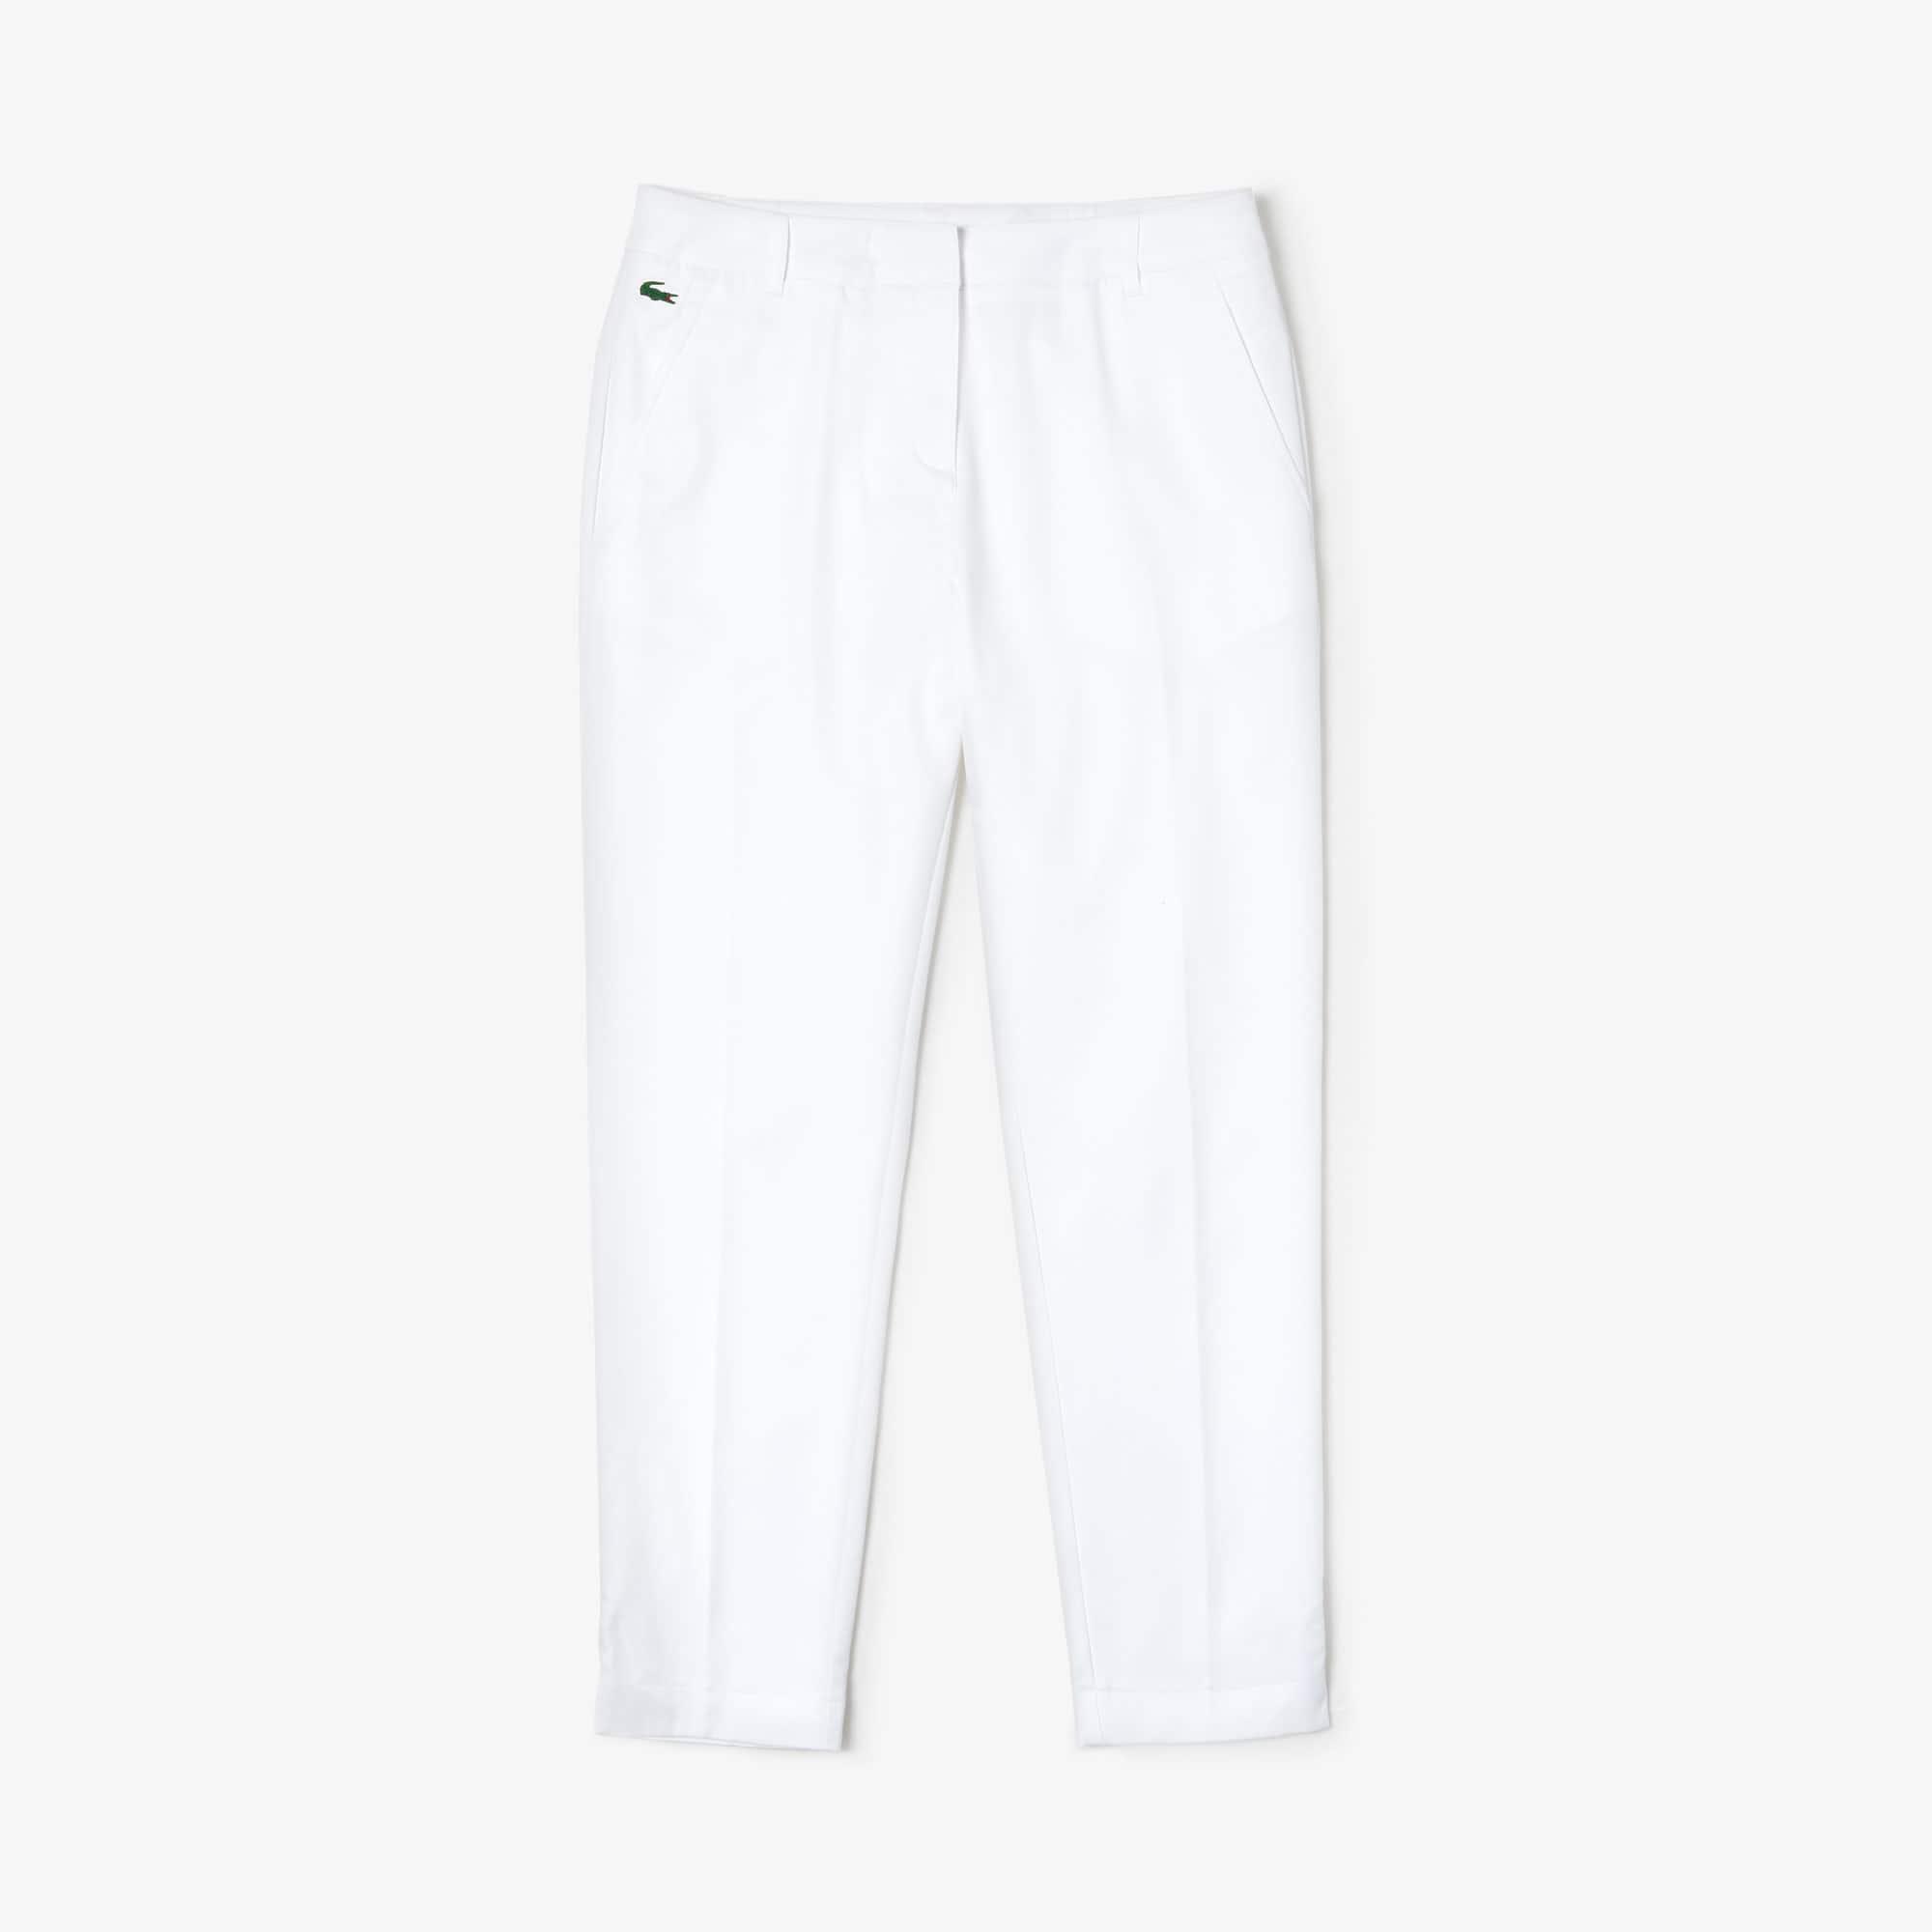 Calças de gabardina técnica plissadas da coleção Lacoste SPORT Golf para mulher